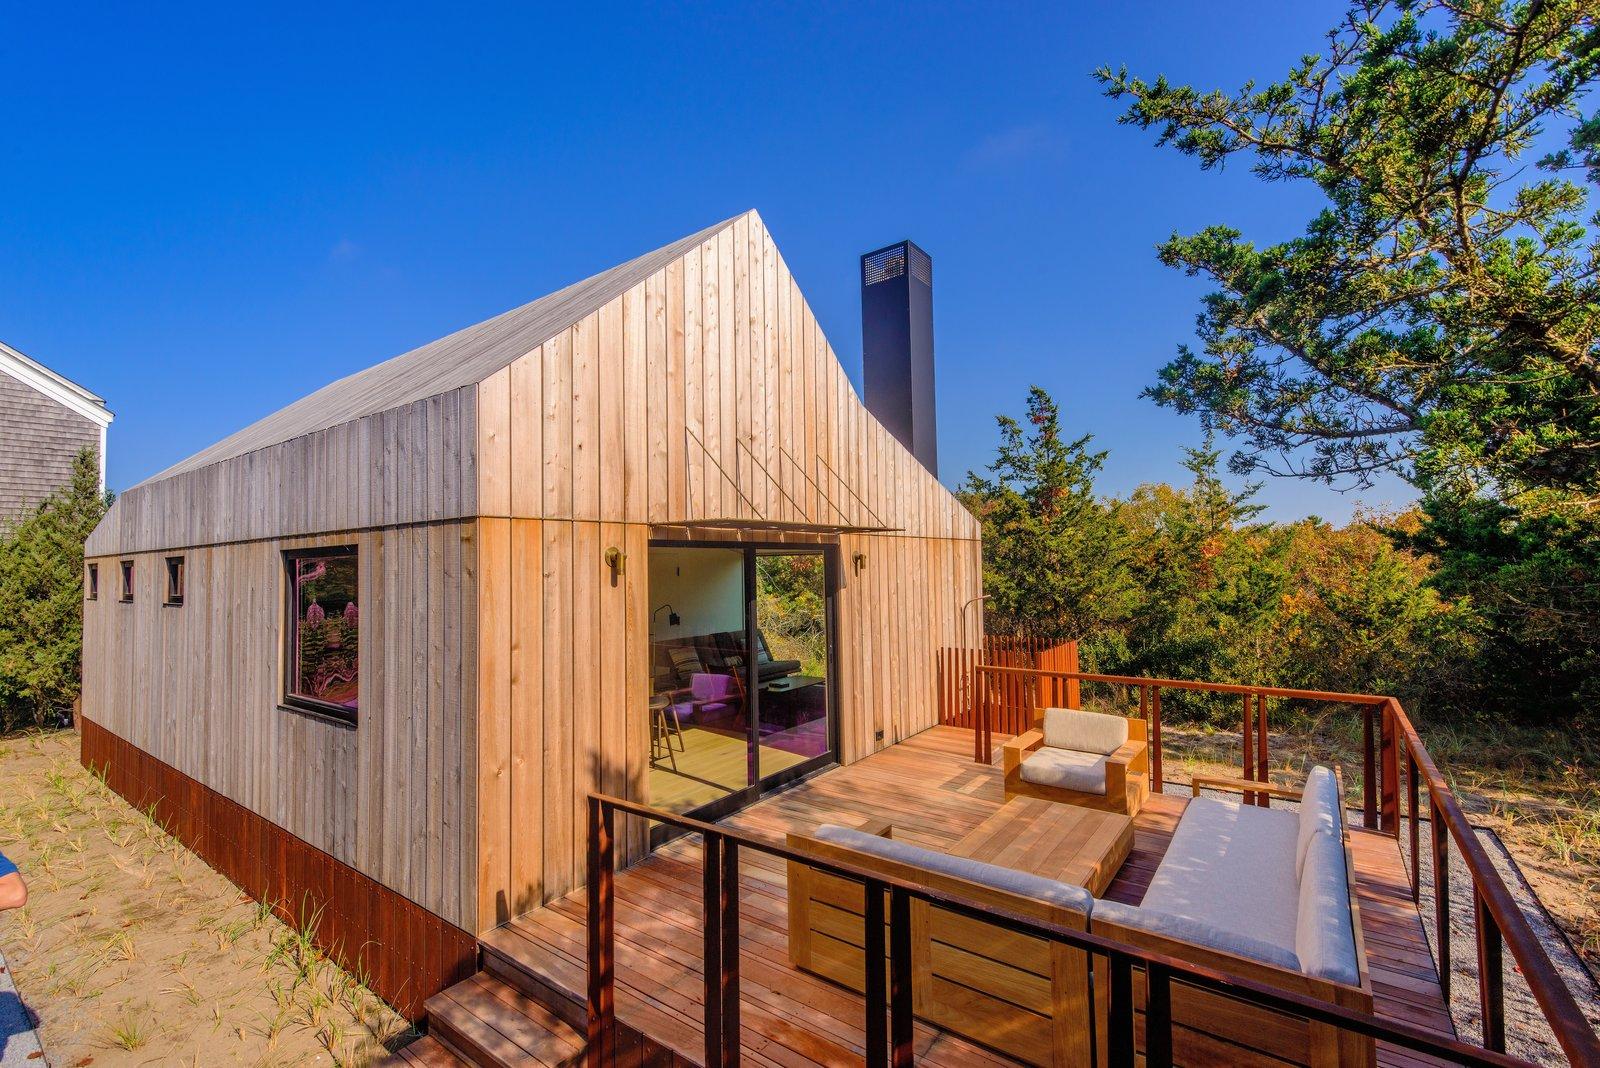 Casa pequena com varanda.